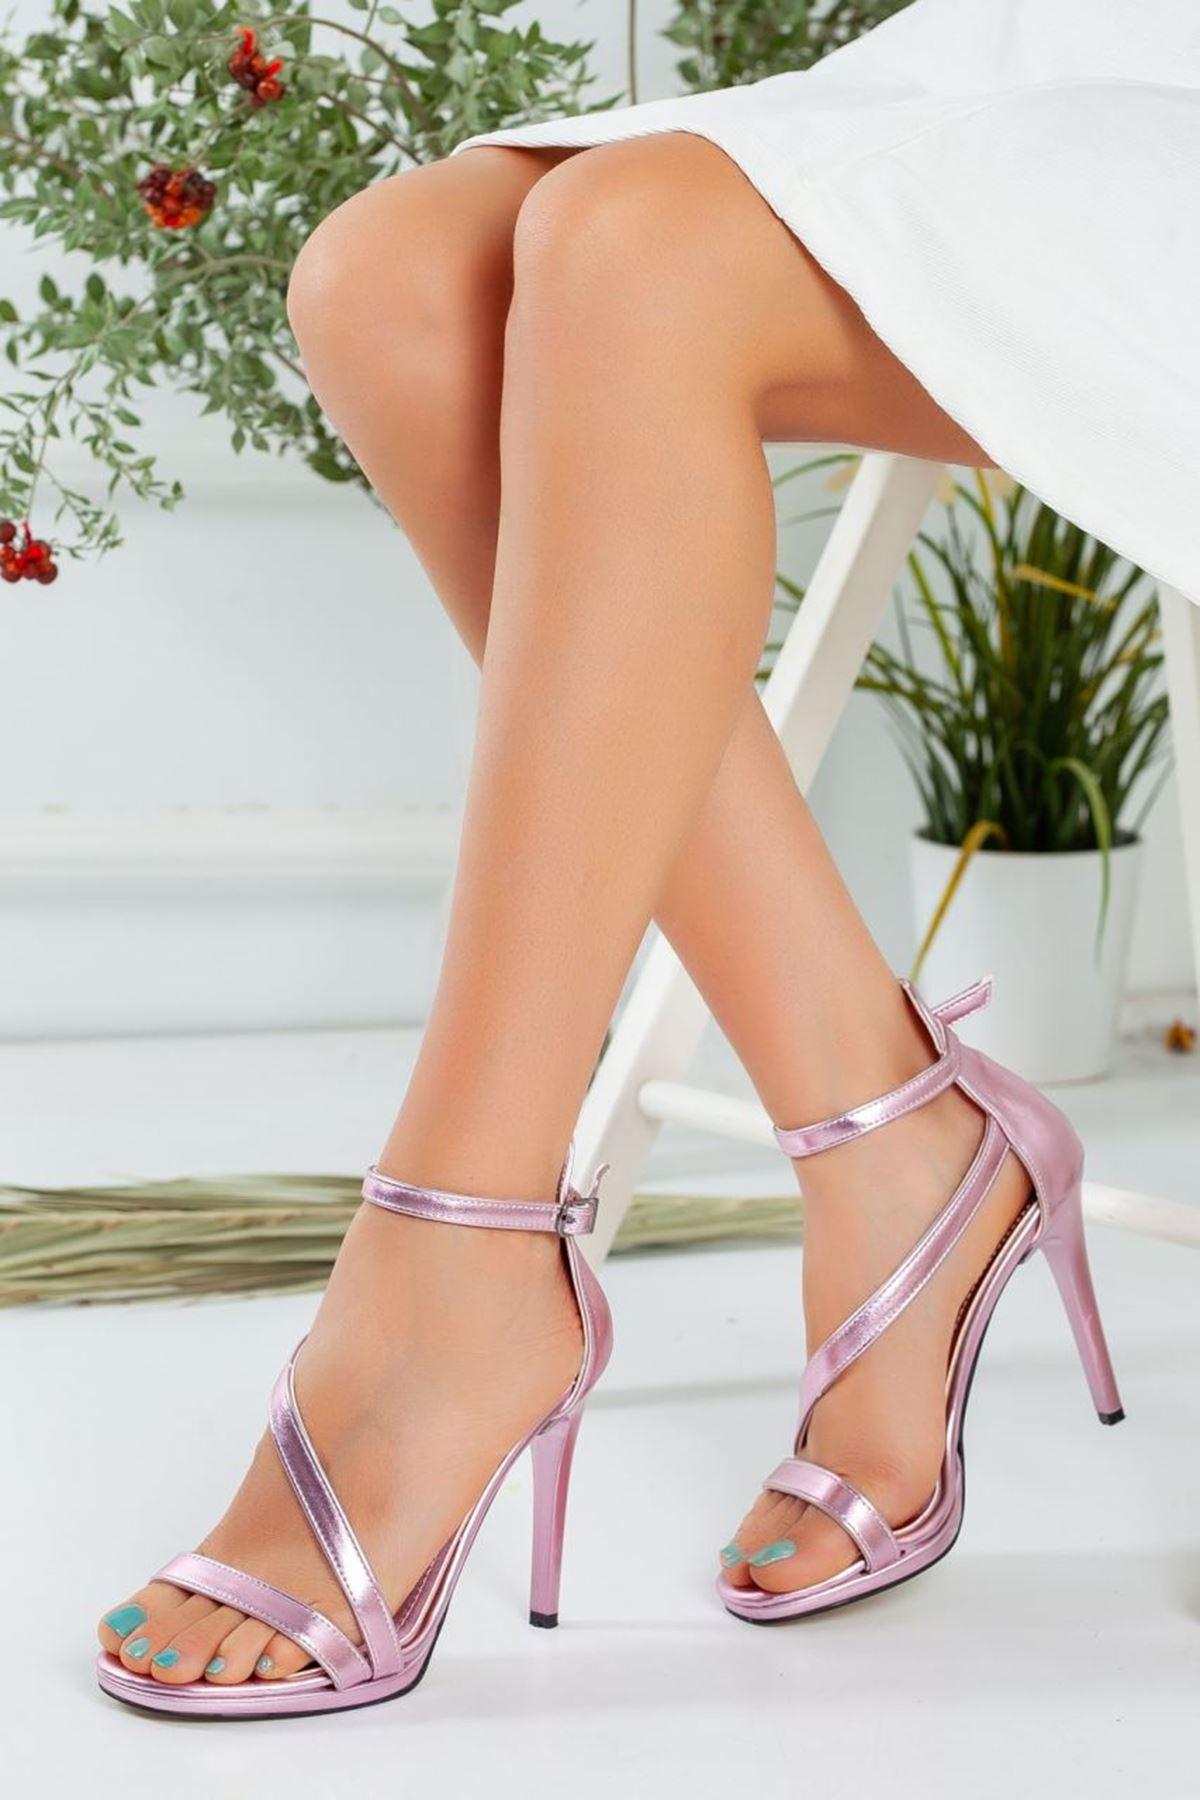 Kadın Camils  Çapraz Bant Detayı Yüksek Topuklu Ayakkabı Metalik Pudra